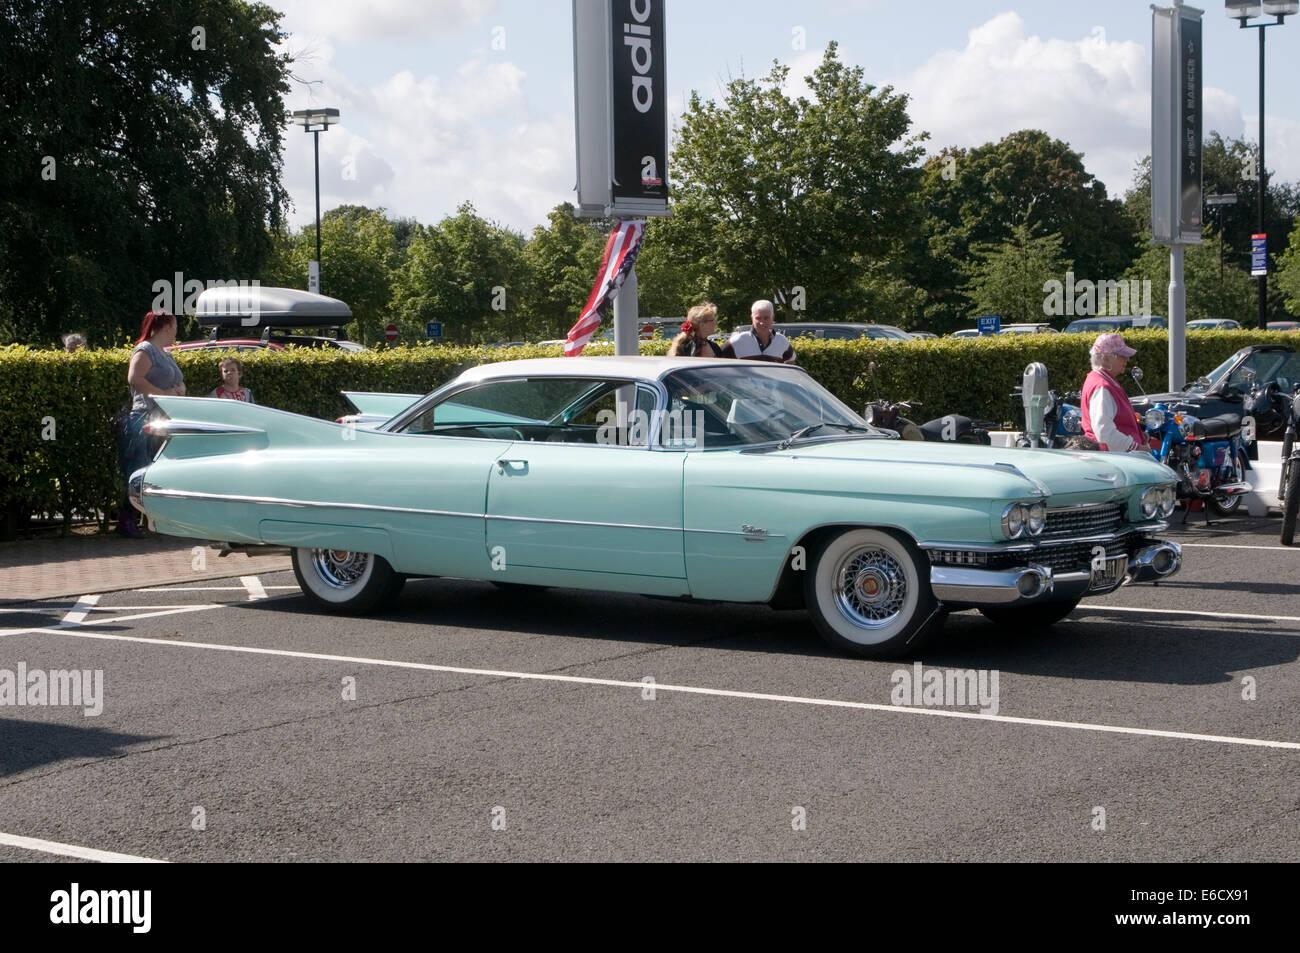 1959 Cadillac Caddy 59 50er Jahre fünfziger Jahre neunzehn genieteten Auto Autos amerikanische uns klassische Stockbild